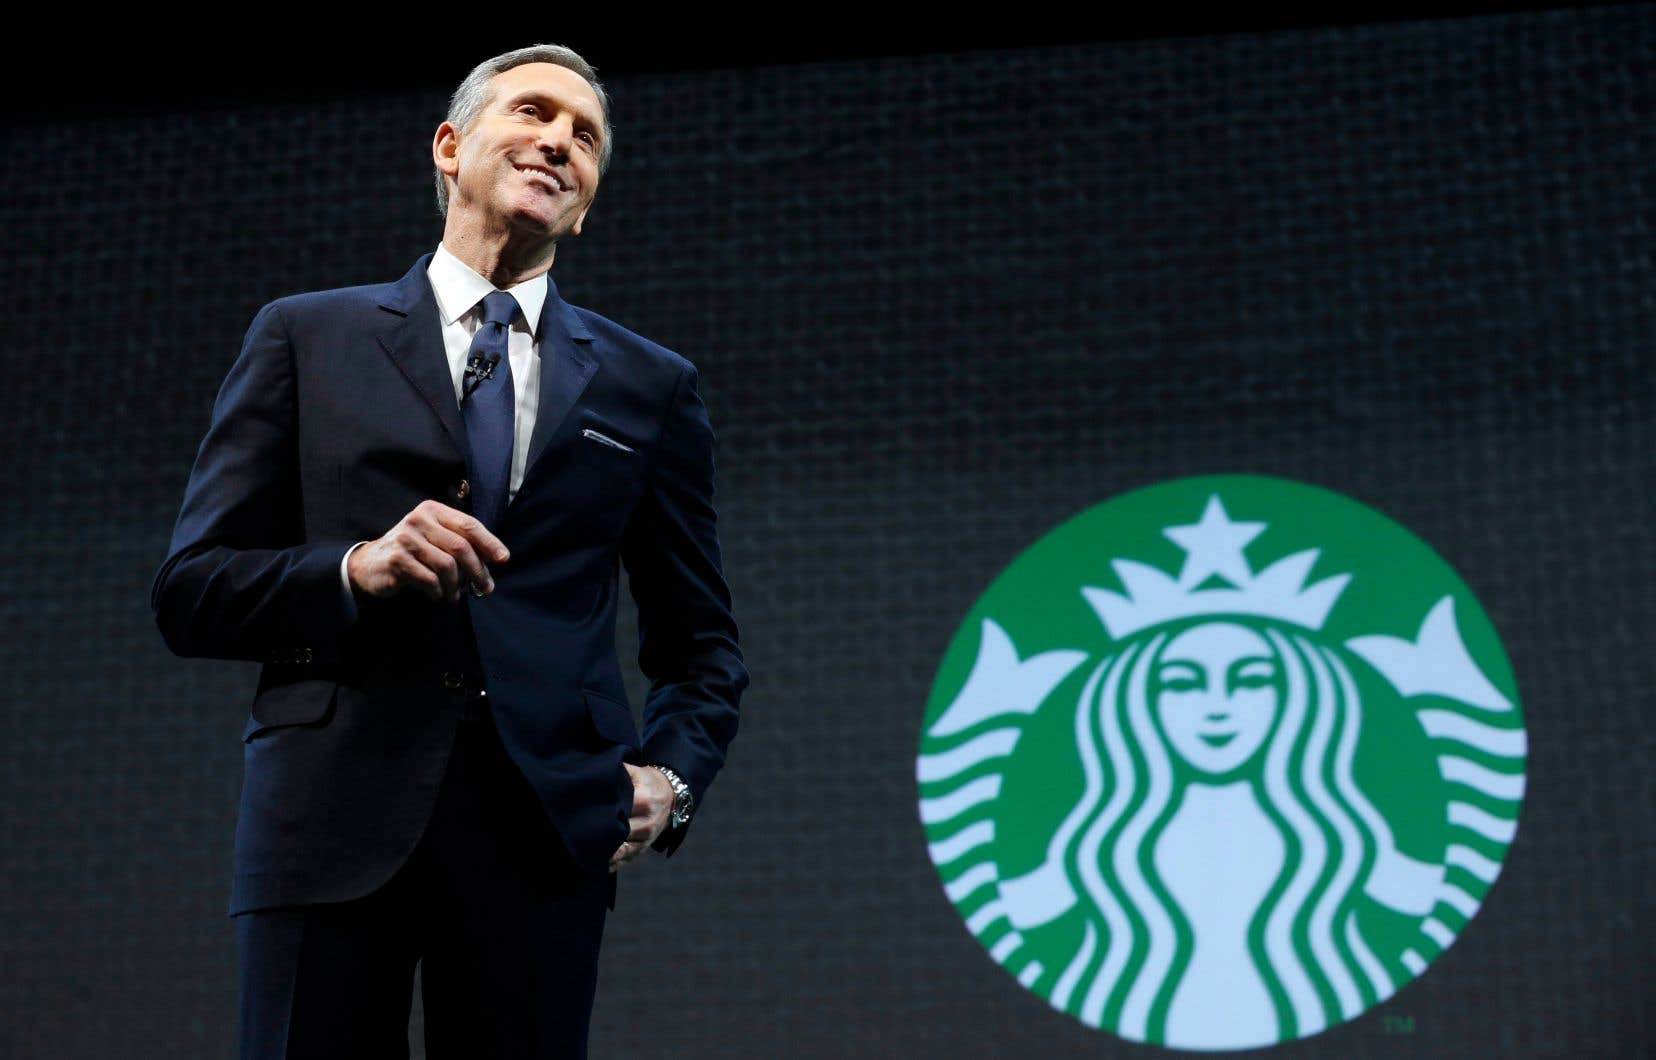 Howard Schultz s'exprimant lors de l'assemblée générale des actionnaires de la cha?ne Starbucks, en mars 2015, à Seattle